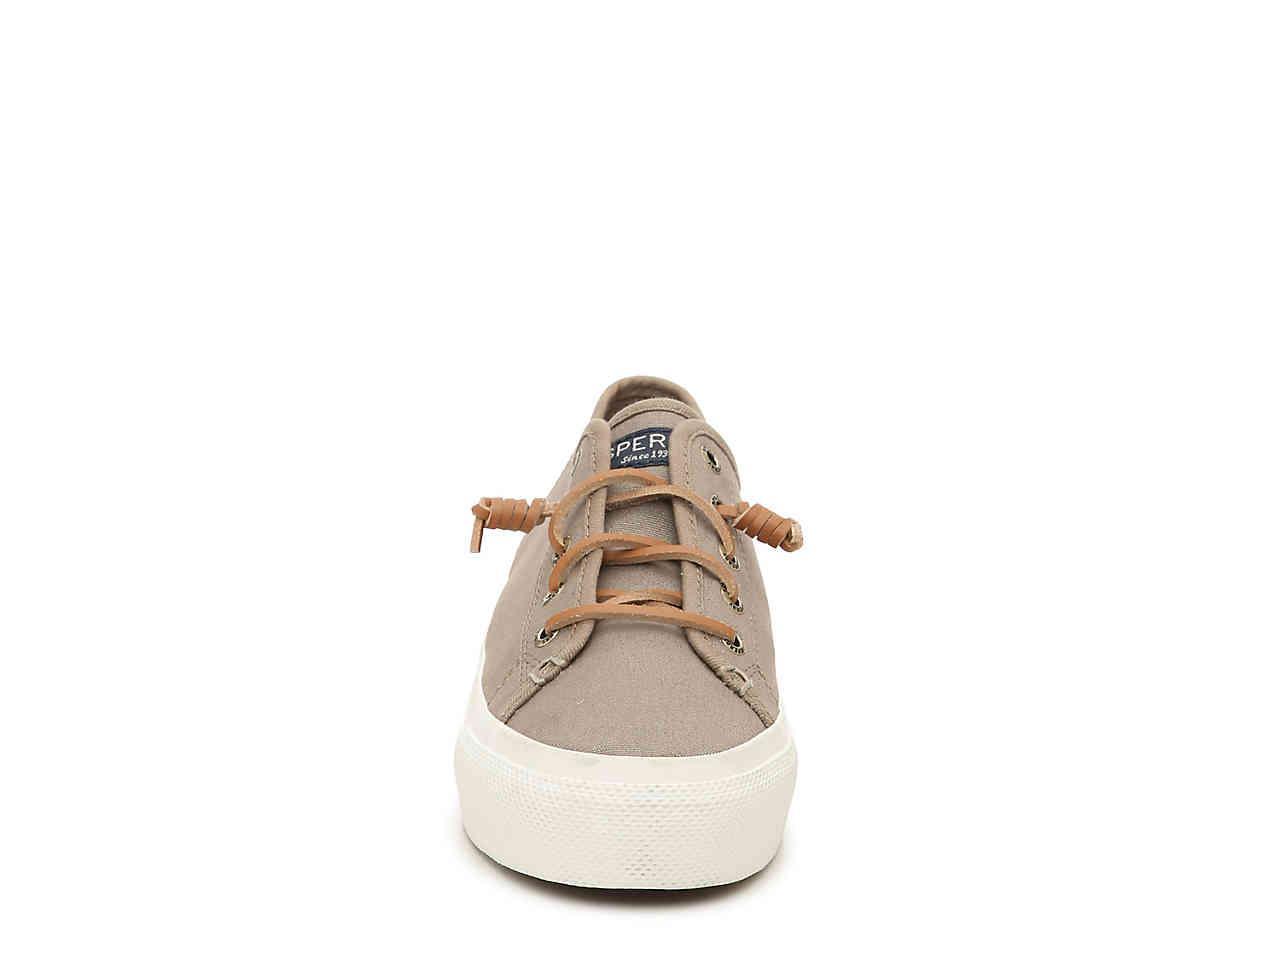 b12ef18c66b Lyst - Sperry Top-Sider Cliffside Platform Slip-on Sneaker in Natural